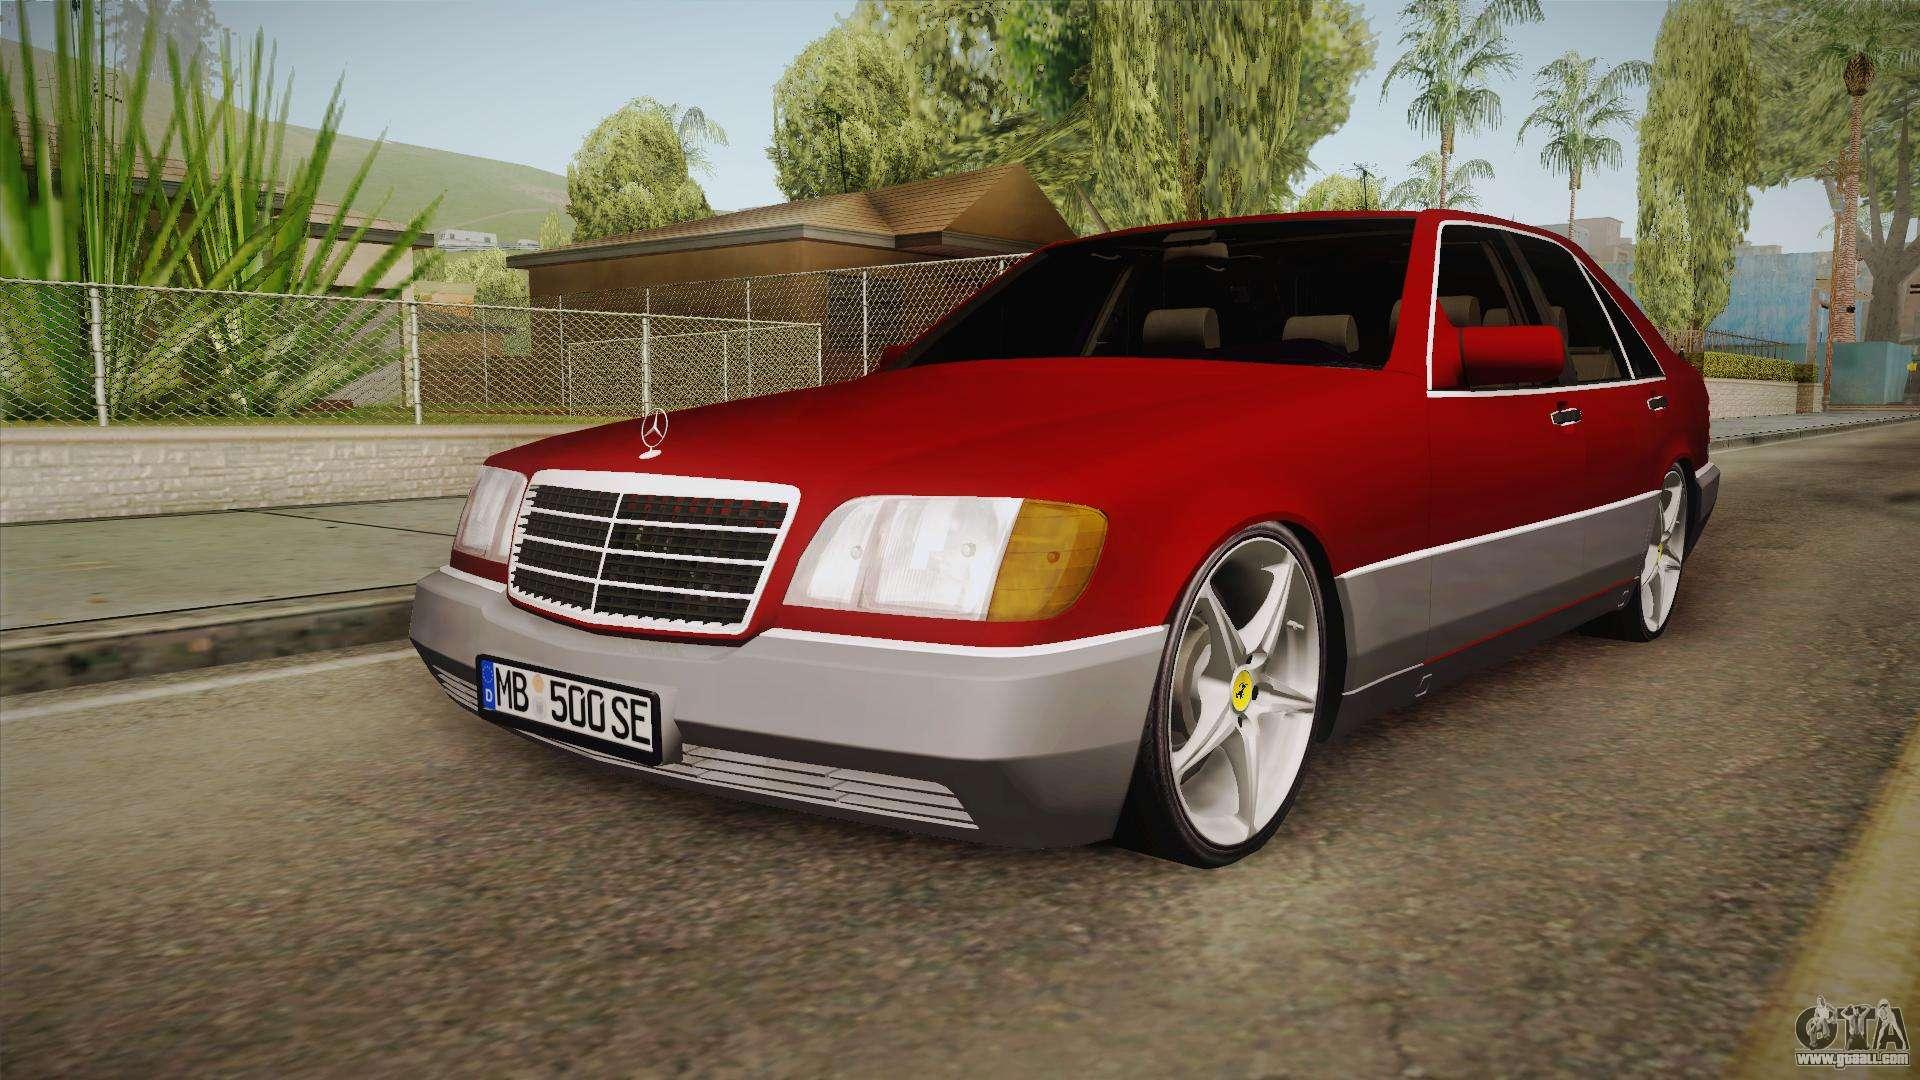 Mercedes benz w140 projekt for gta san andreas for Mercedes benz w140